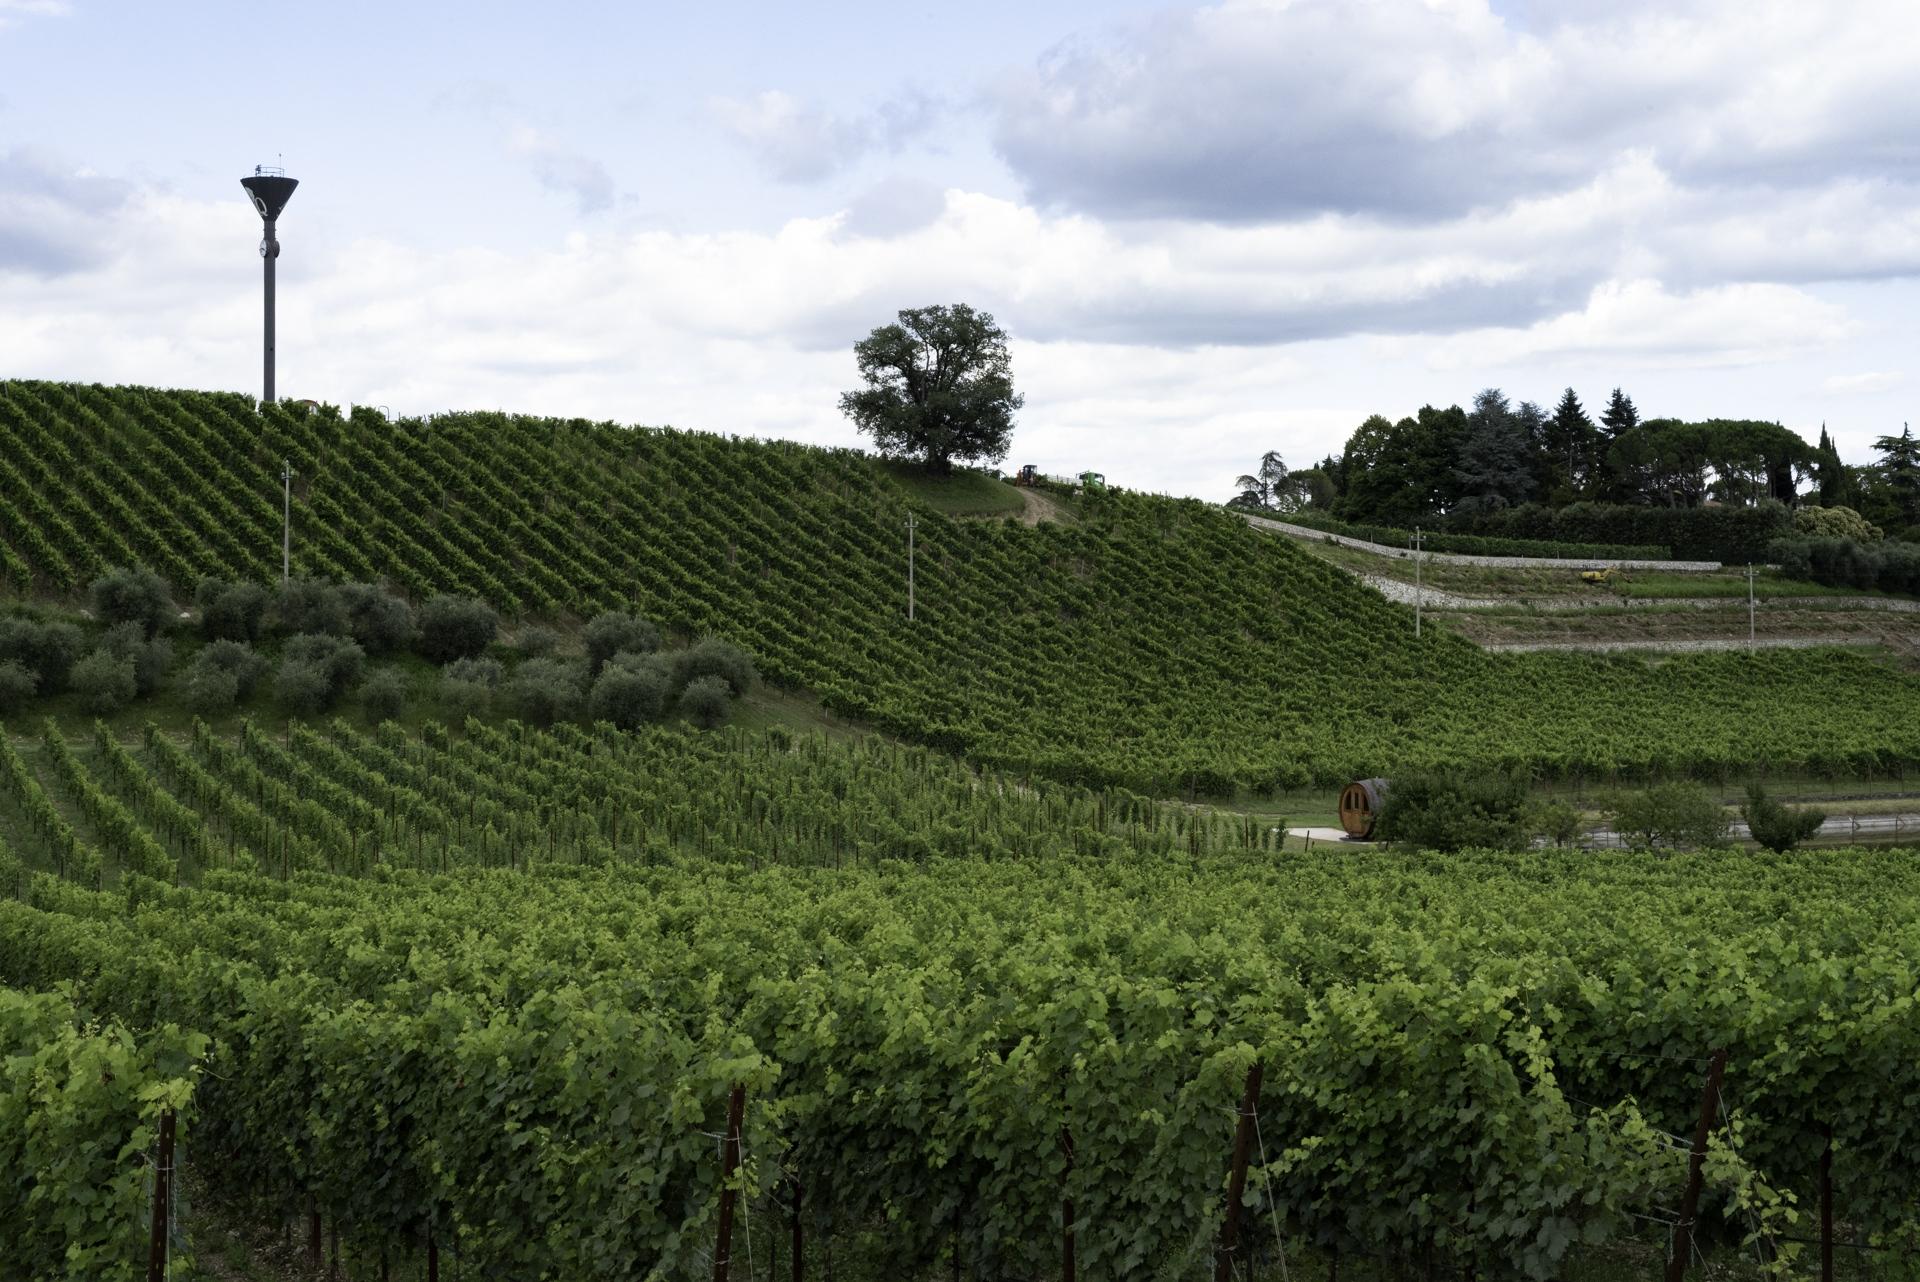 Sulla sinistra sbancamenti per ospitare nuovi impianti viticoli. Le nuove installazioni seguono la massima pendenza della collina per facilitare il passaggio dei mezzi meccanici favorendo però l'erosione del terreno e lo scivolamento a valle delle sostanze nocive con consegnuete penetrazione in falda. Vittorio Veneto (TV).